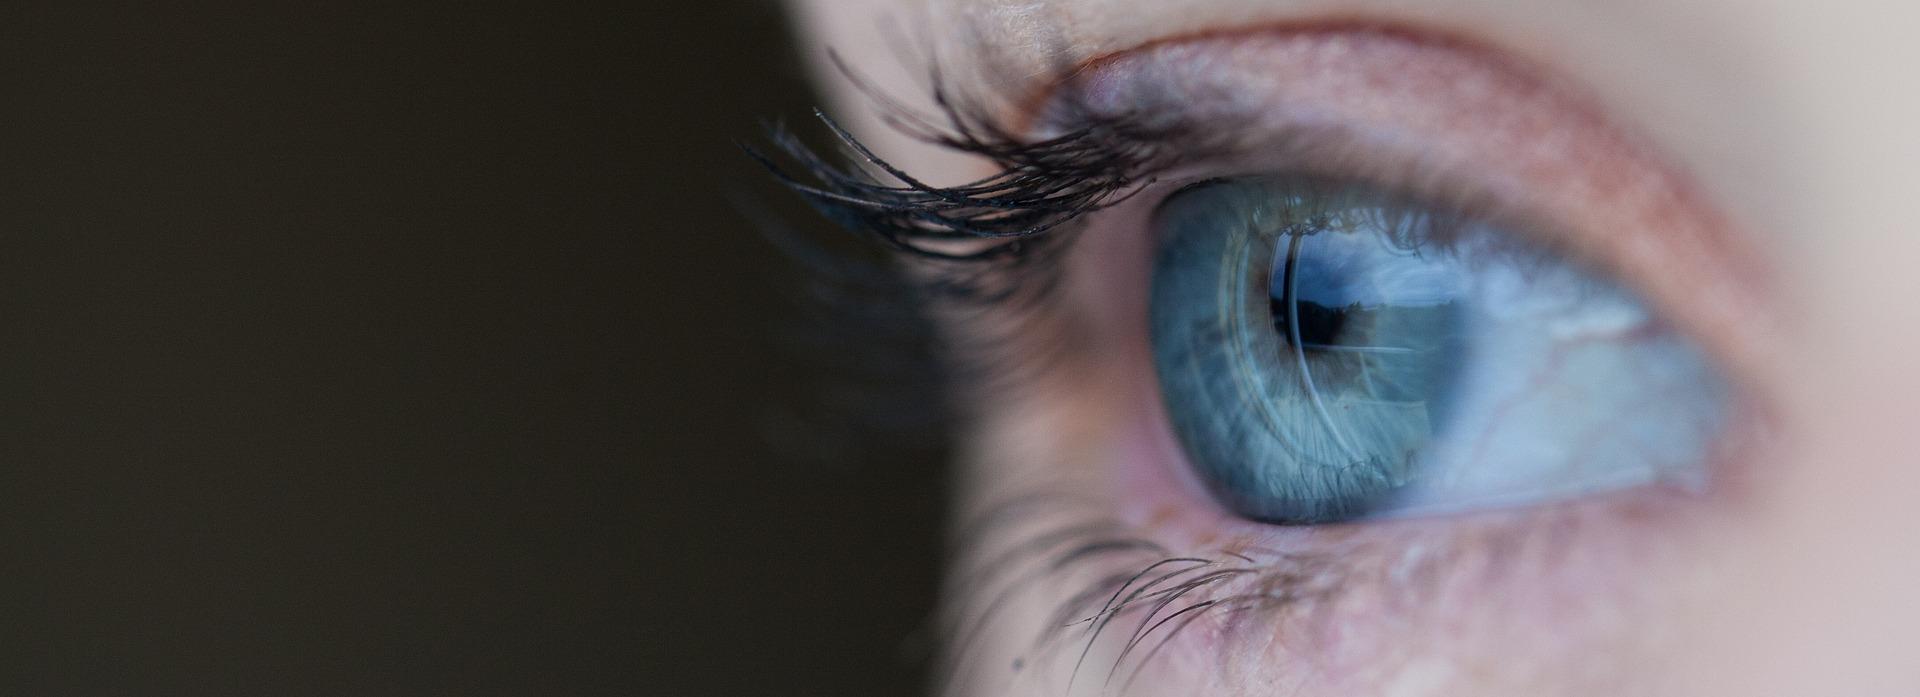 la puissance du regard